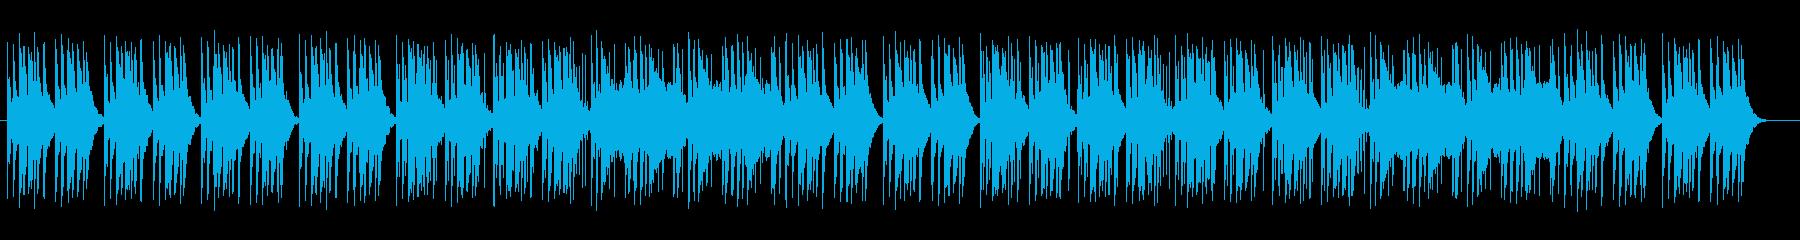 シンセサイザーのアップテンポポップスの再生済みの波形